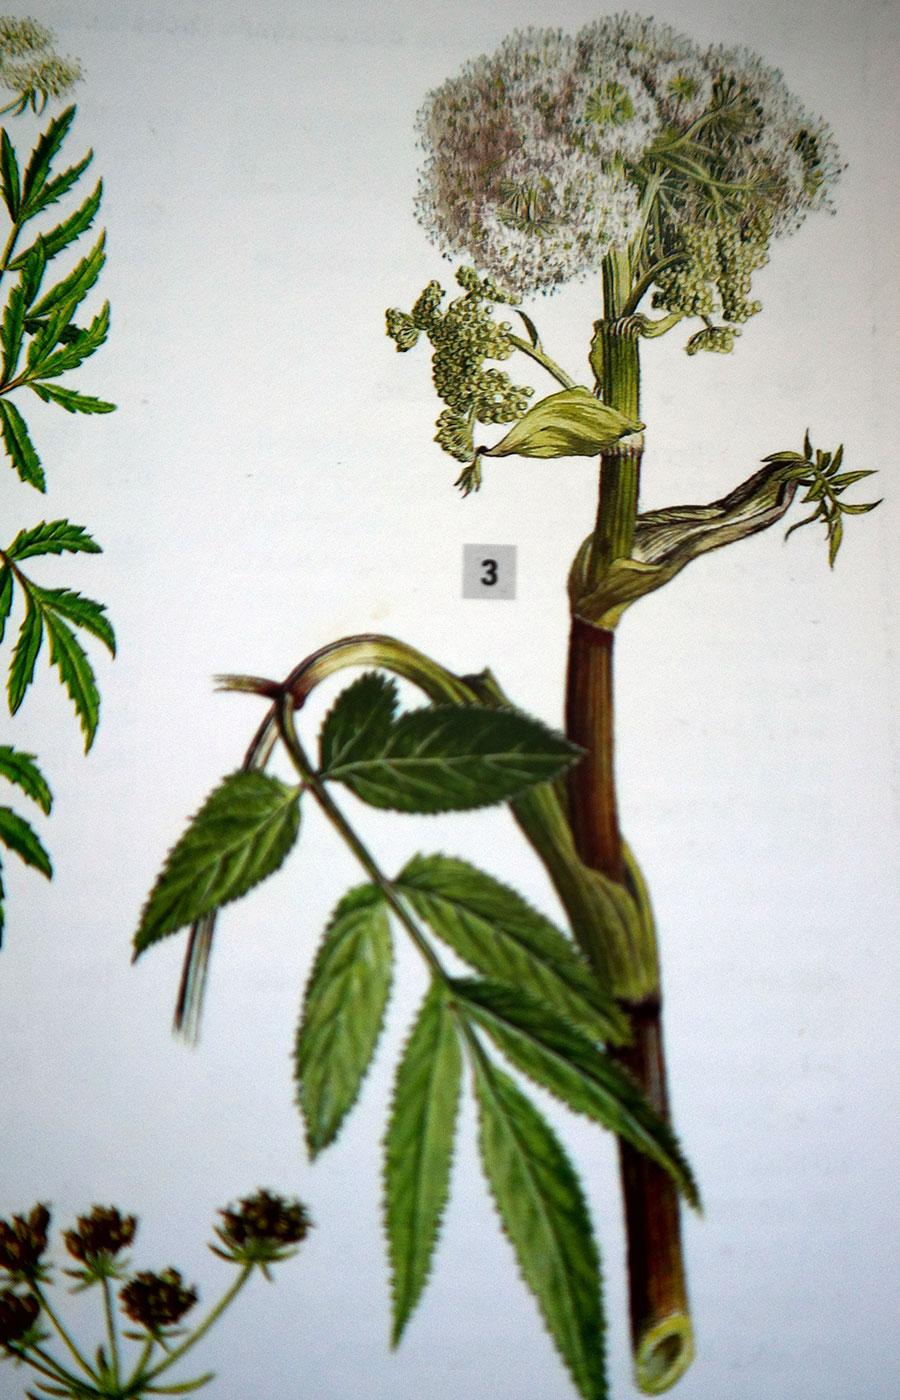 Wadengelwurz-Balsam